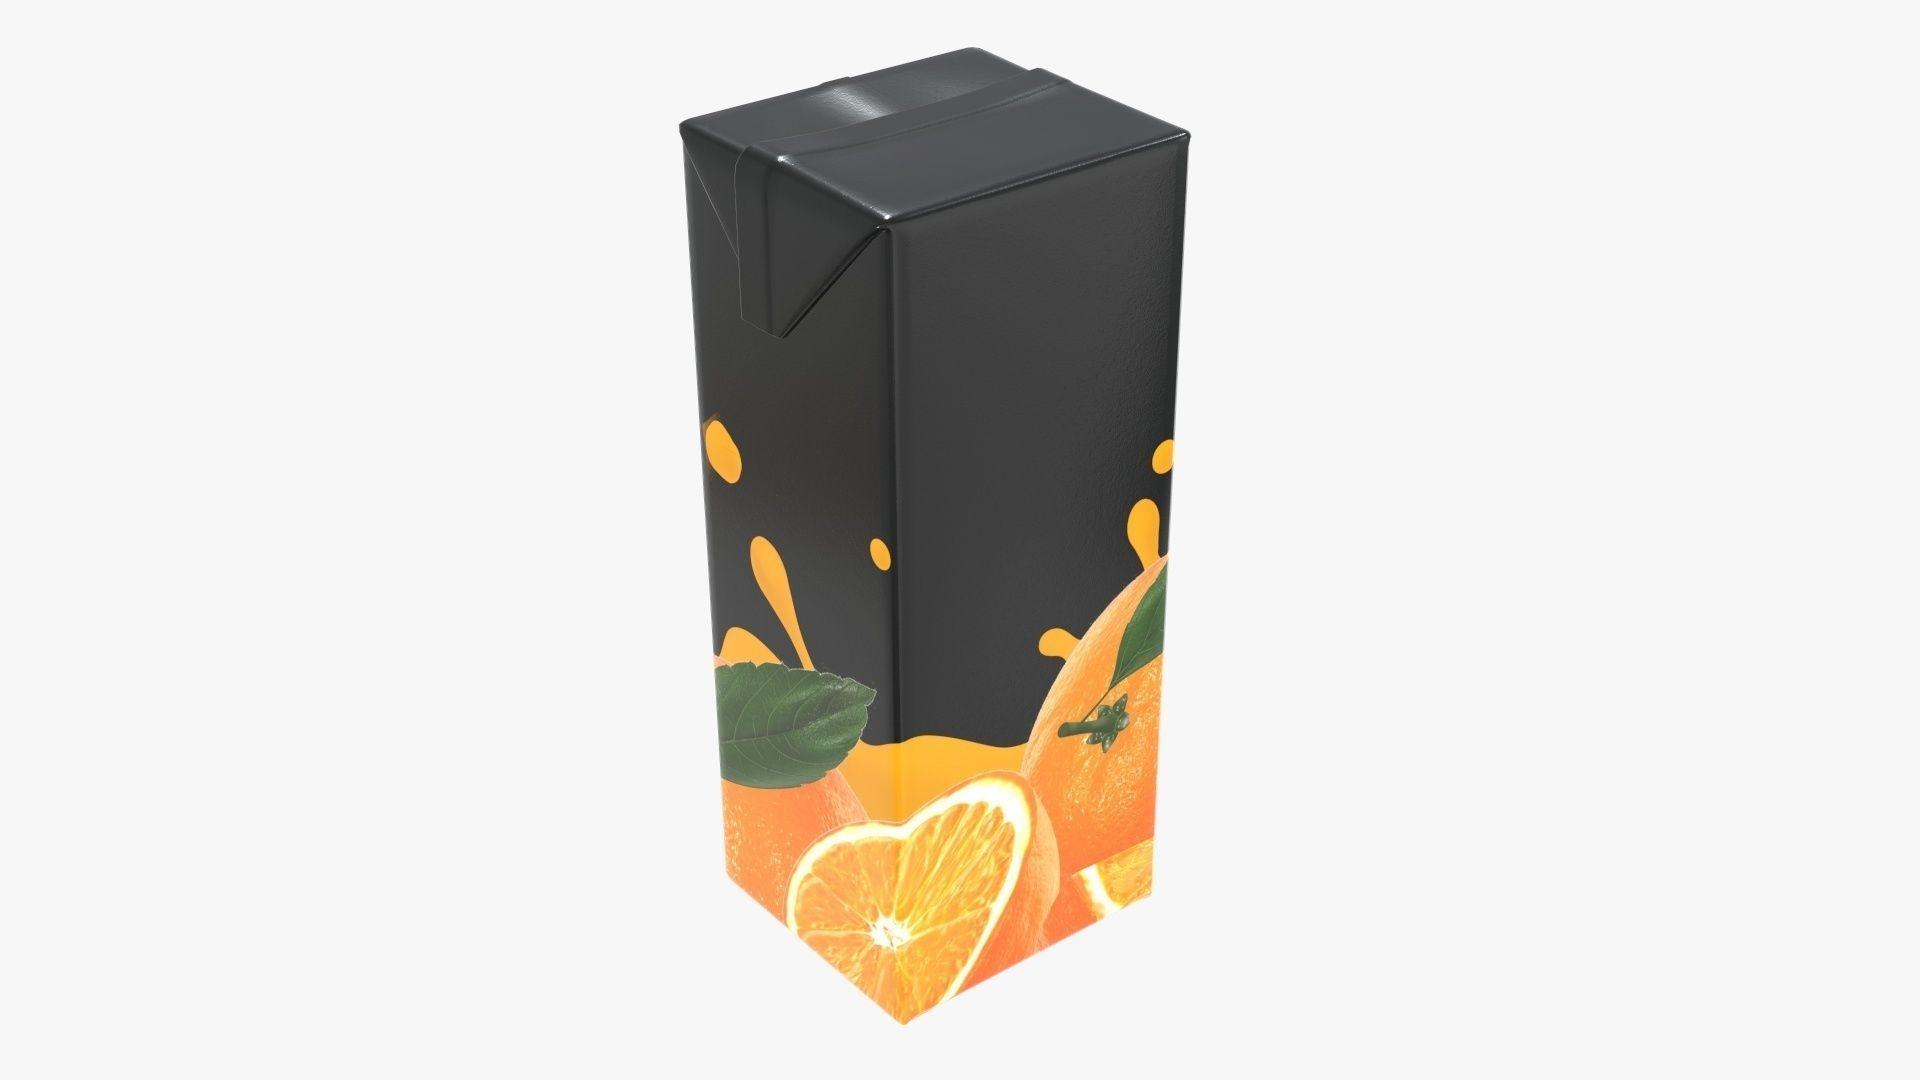 Juice 1000ml cardboard box packaging